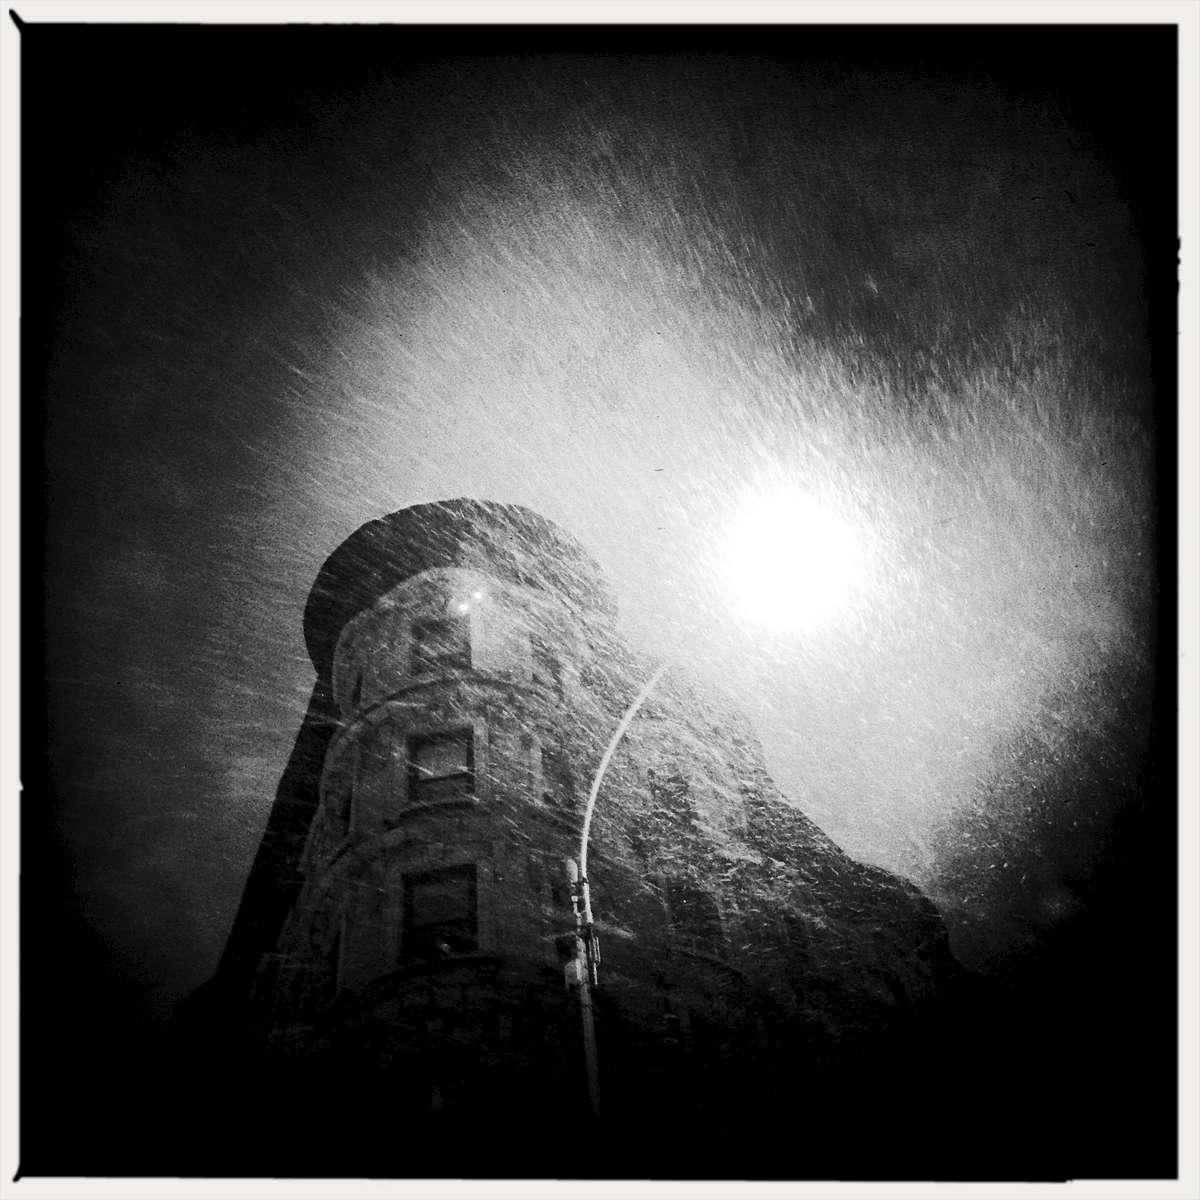 Blizzard in Harlem.